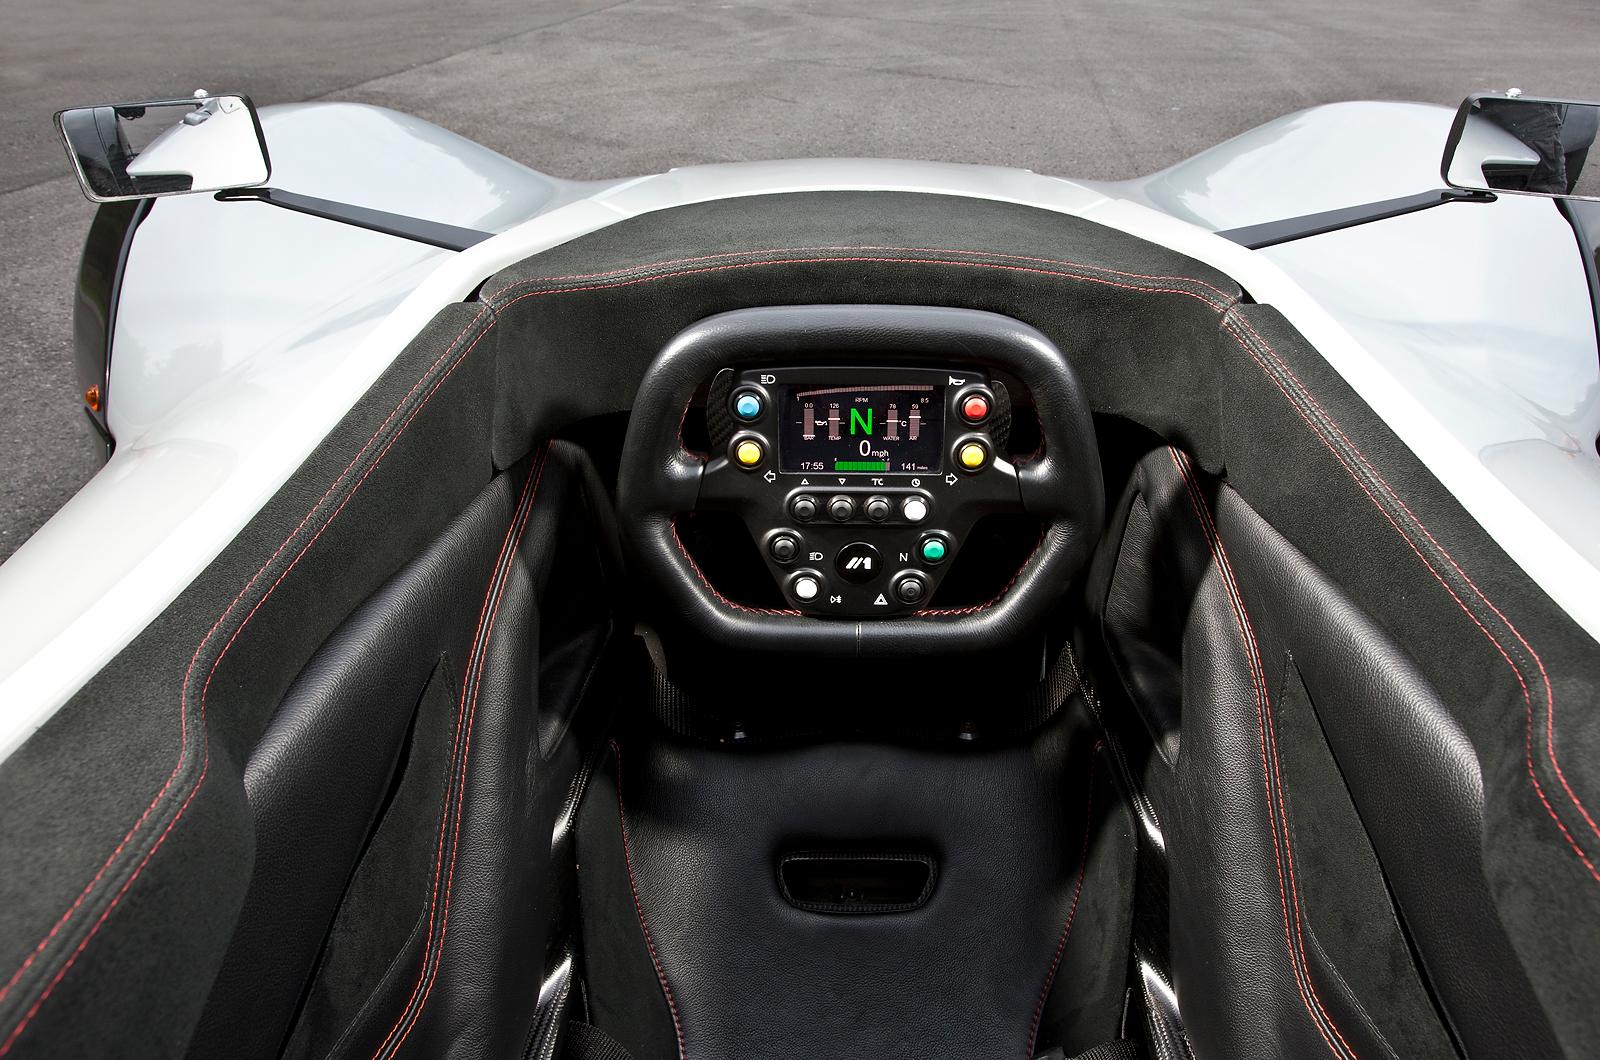 http://images.cdn.autocar.co.uk/sites/autocar.co.uk/files/bac-mono-291.jpg